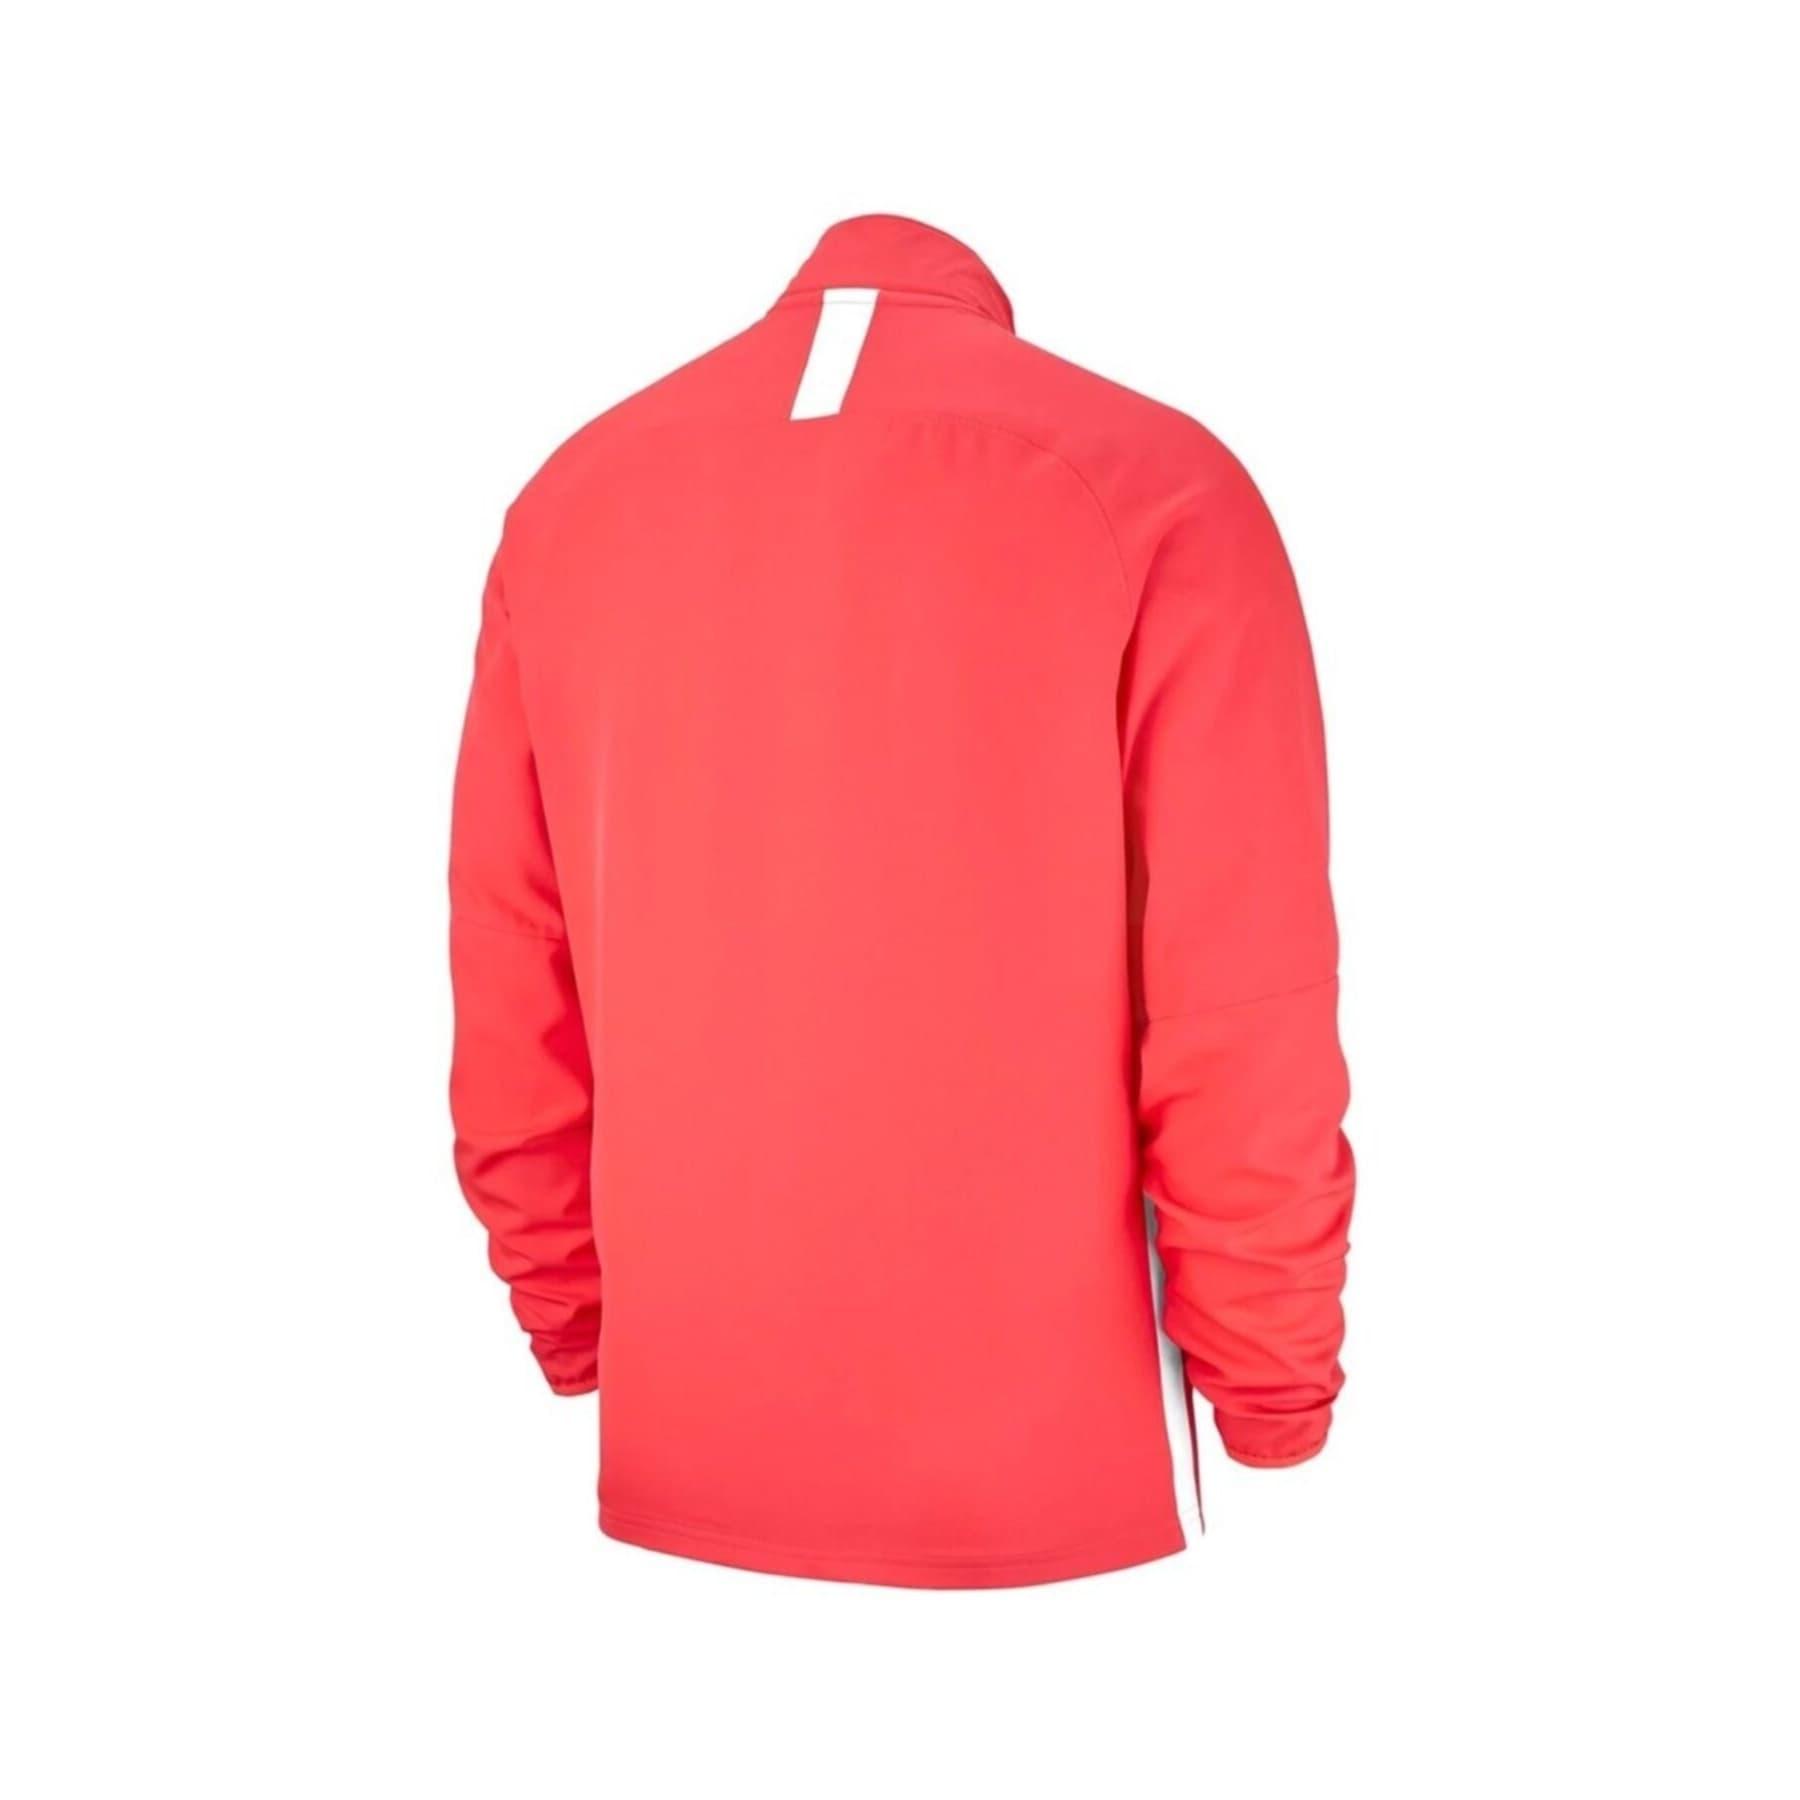 Dry Academy 19 Erkek Kırmızı Spor Ceket (AJ9129-671)